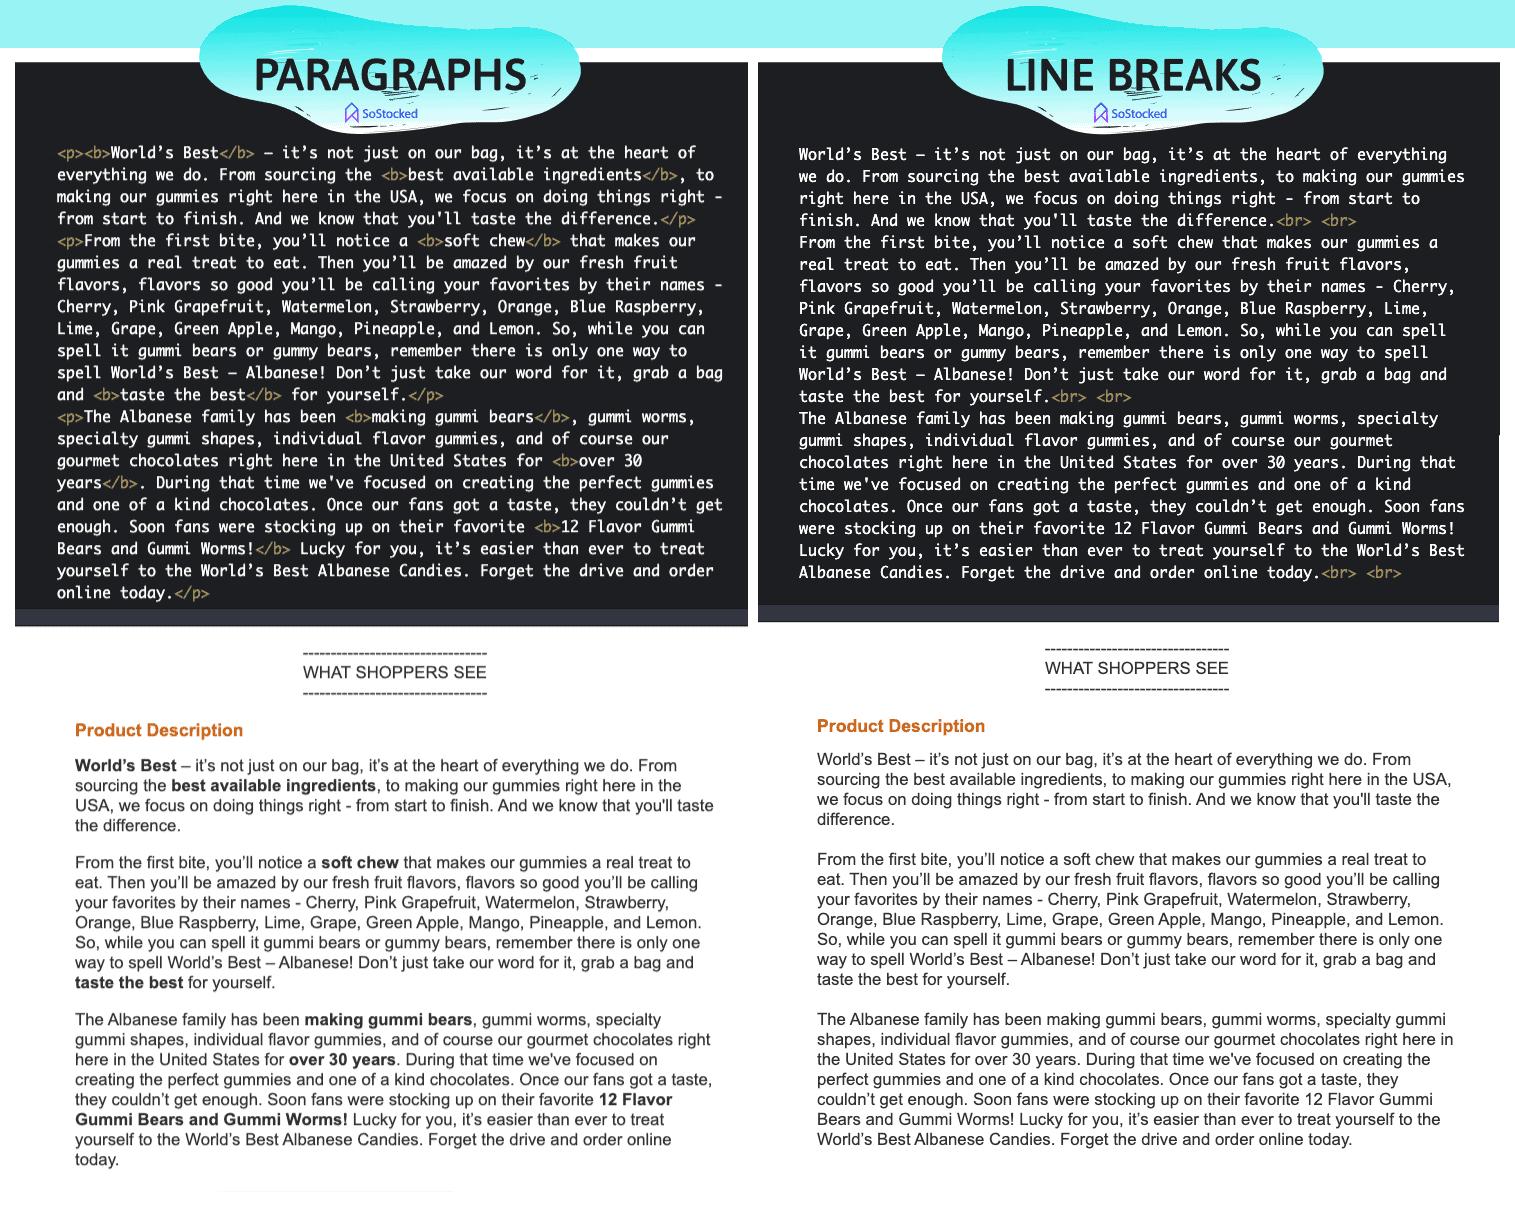 Amazon Product Description HTML Paragraphs versus HTML Line Breaks